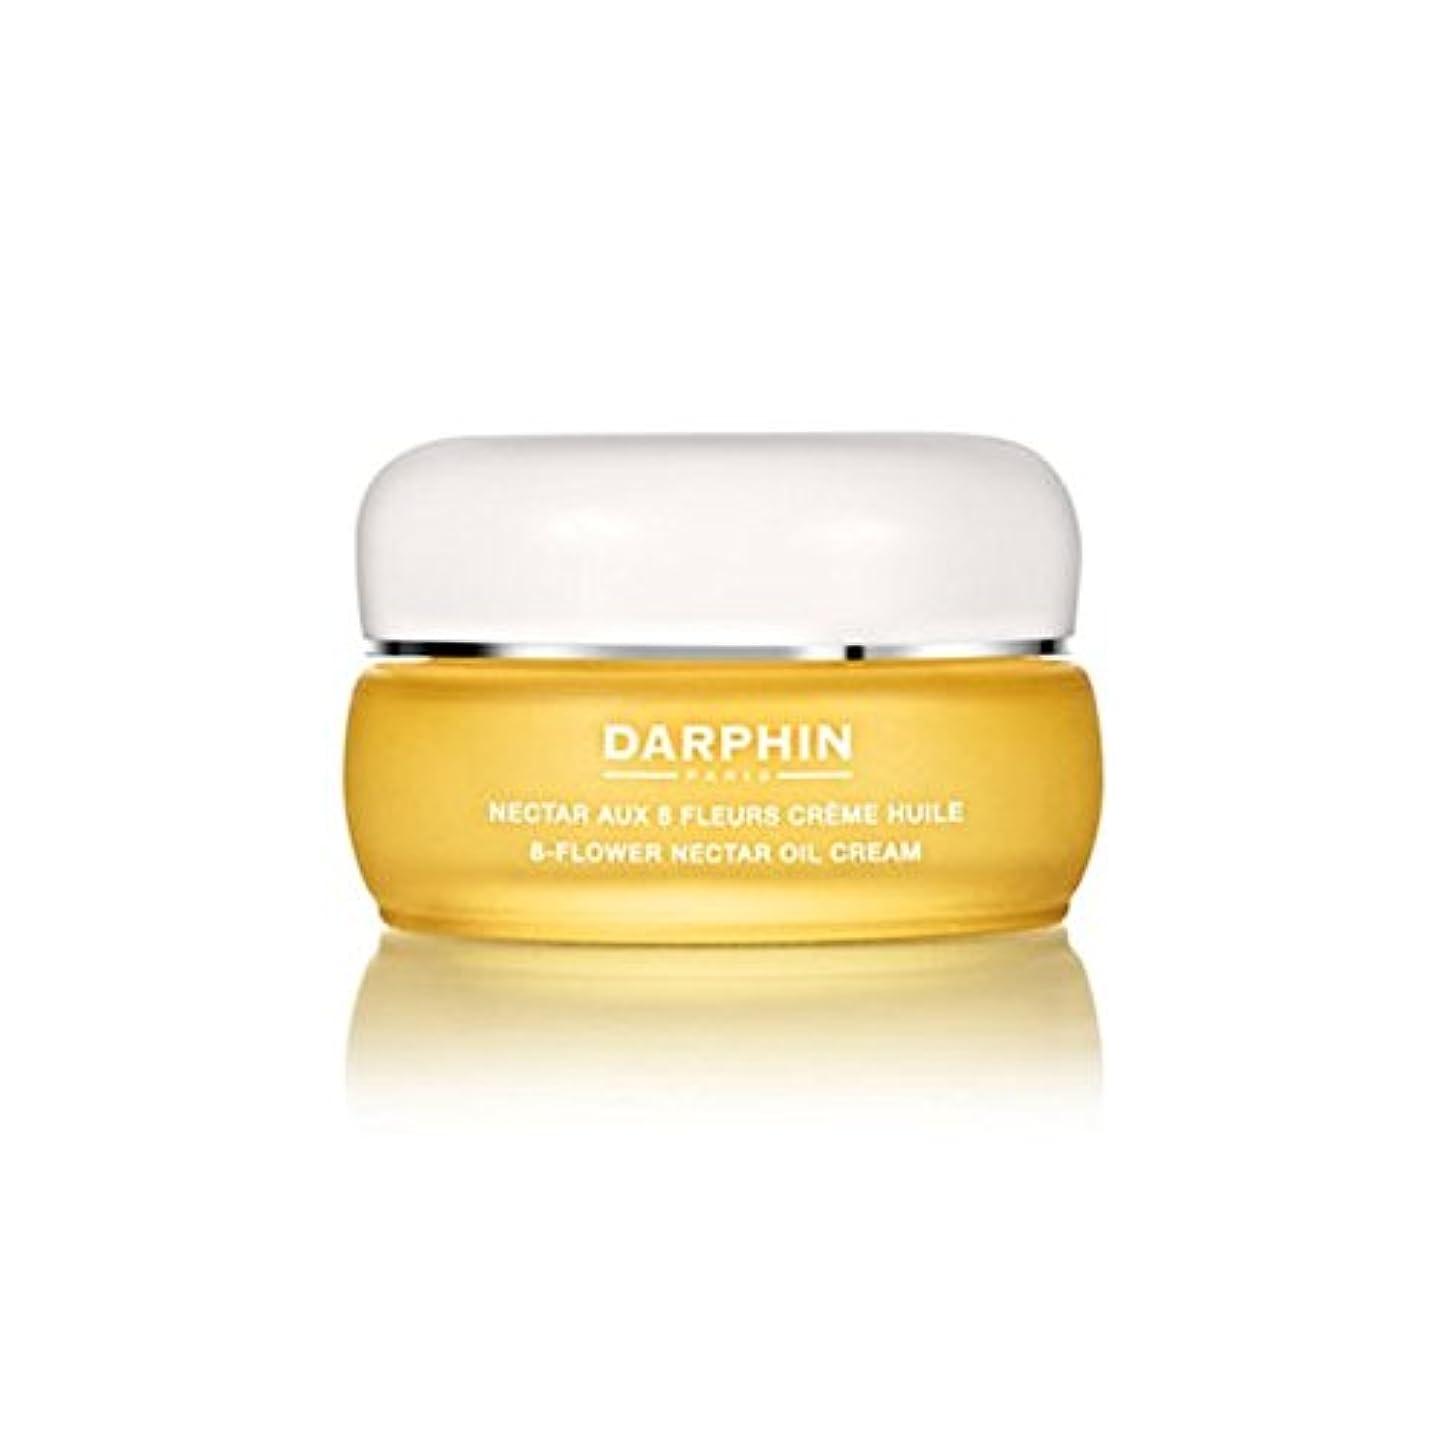 冷蔵するとても多くの毎週ダルファン8フラワー油クリーム(30ミリリットル) x4 - Darphin 8-Flower Oil Cream (30ml) (Pack of 4) [並行輸入品]